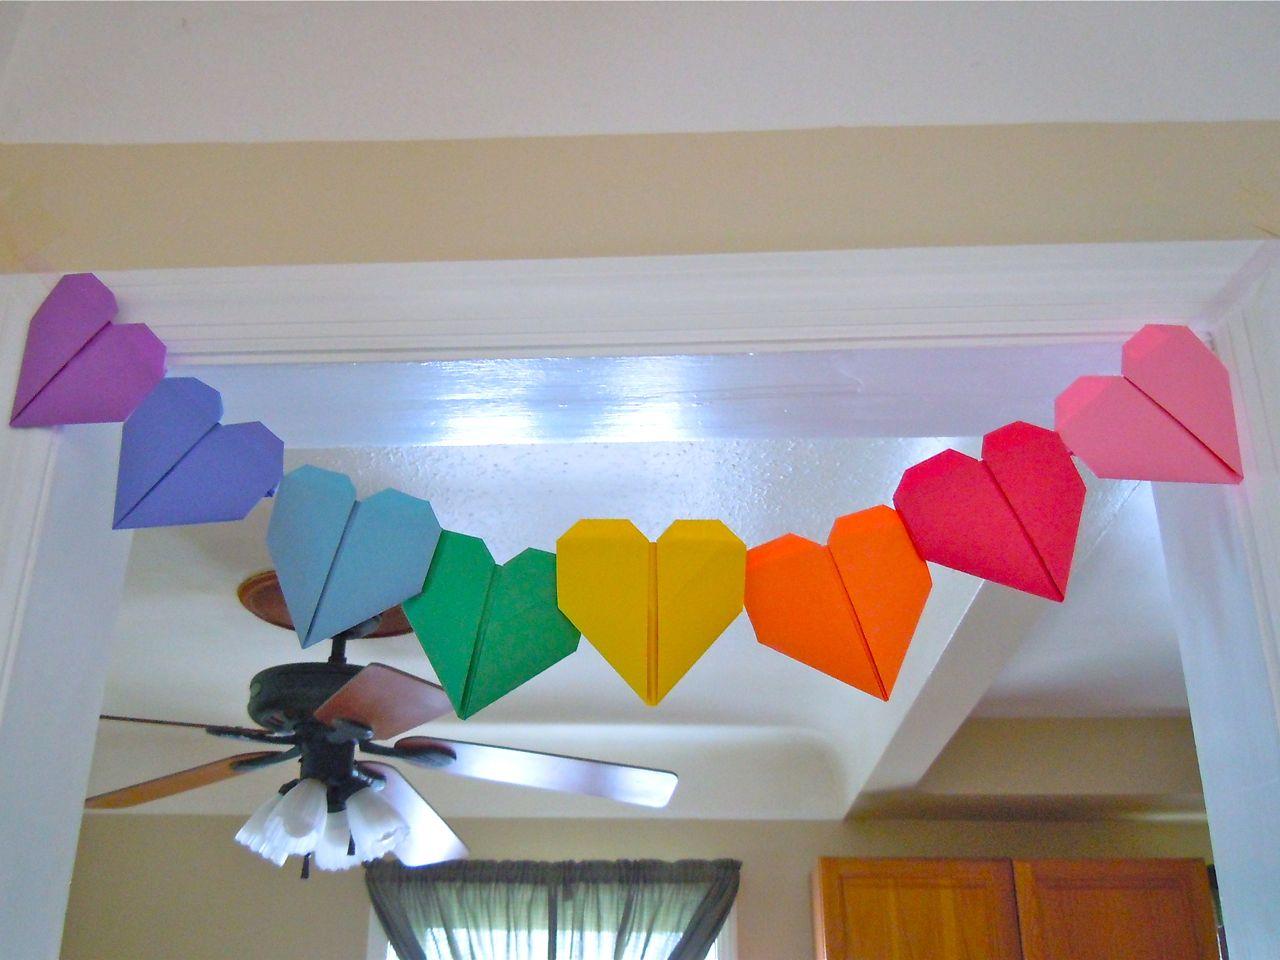 すべての折り紙 折り紙ハートボックス : Origami Heart Garland